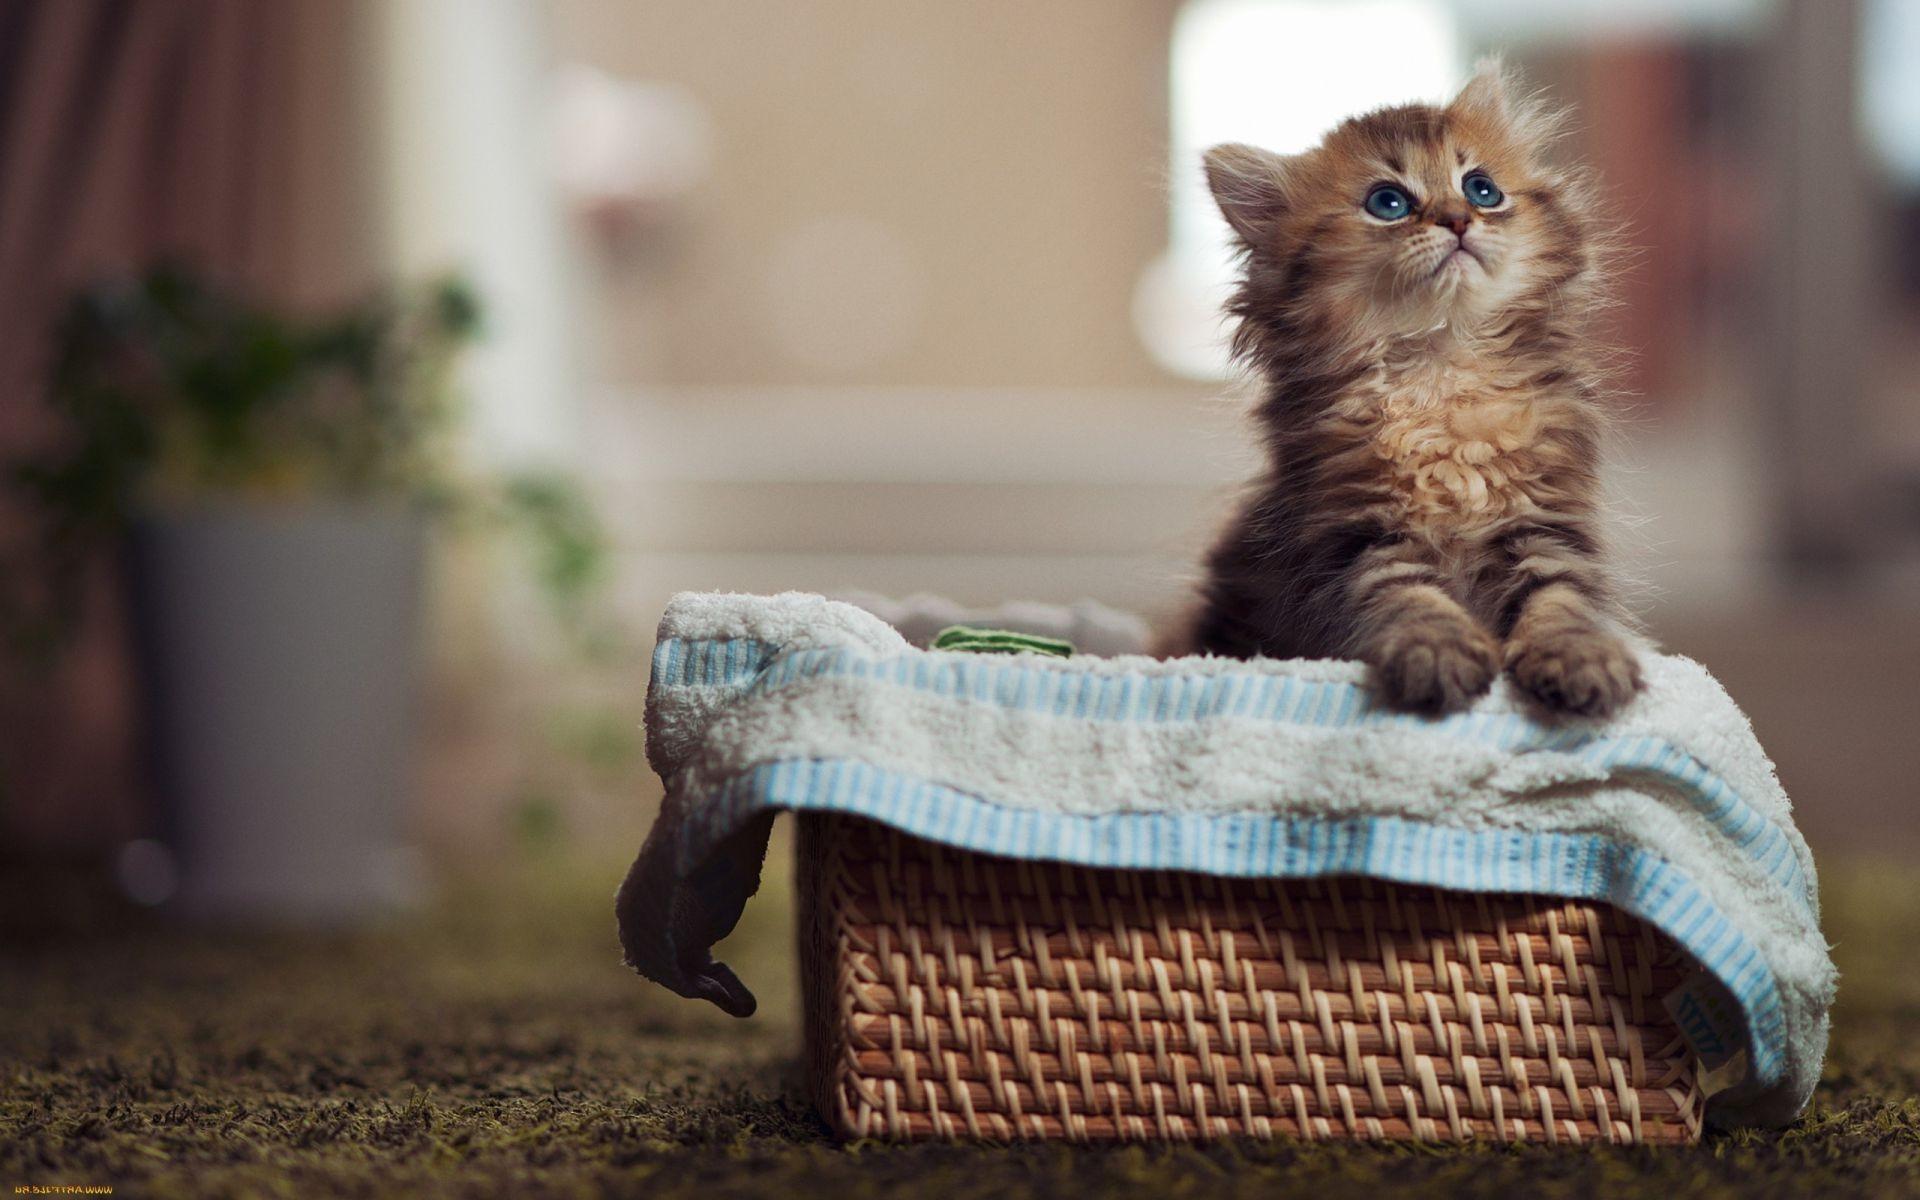 Самые милые картинки котиков в мире, внутри открытки своими